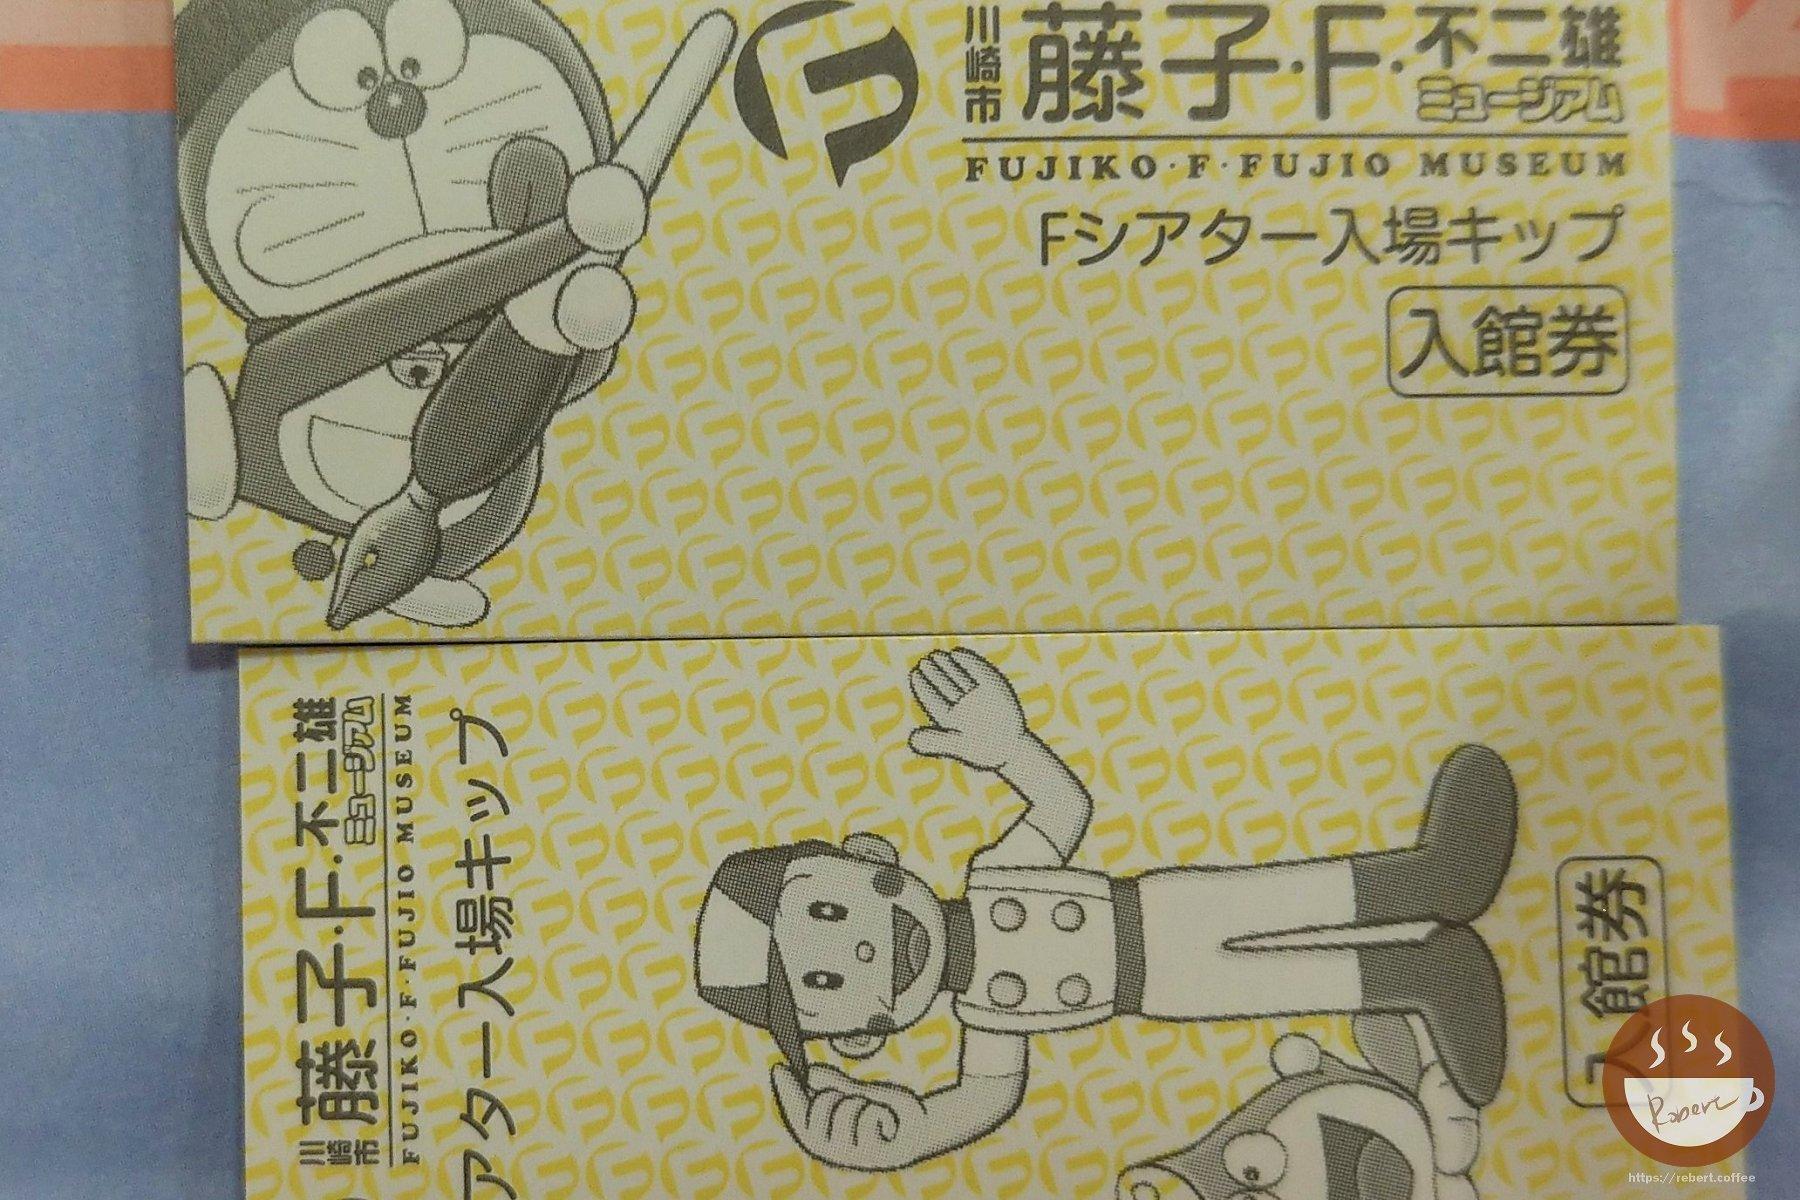 藤子F不二雄博物館|東京景點,哆啦A夢迷不能錯過的空地尋訪之旅! 22